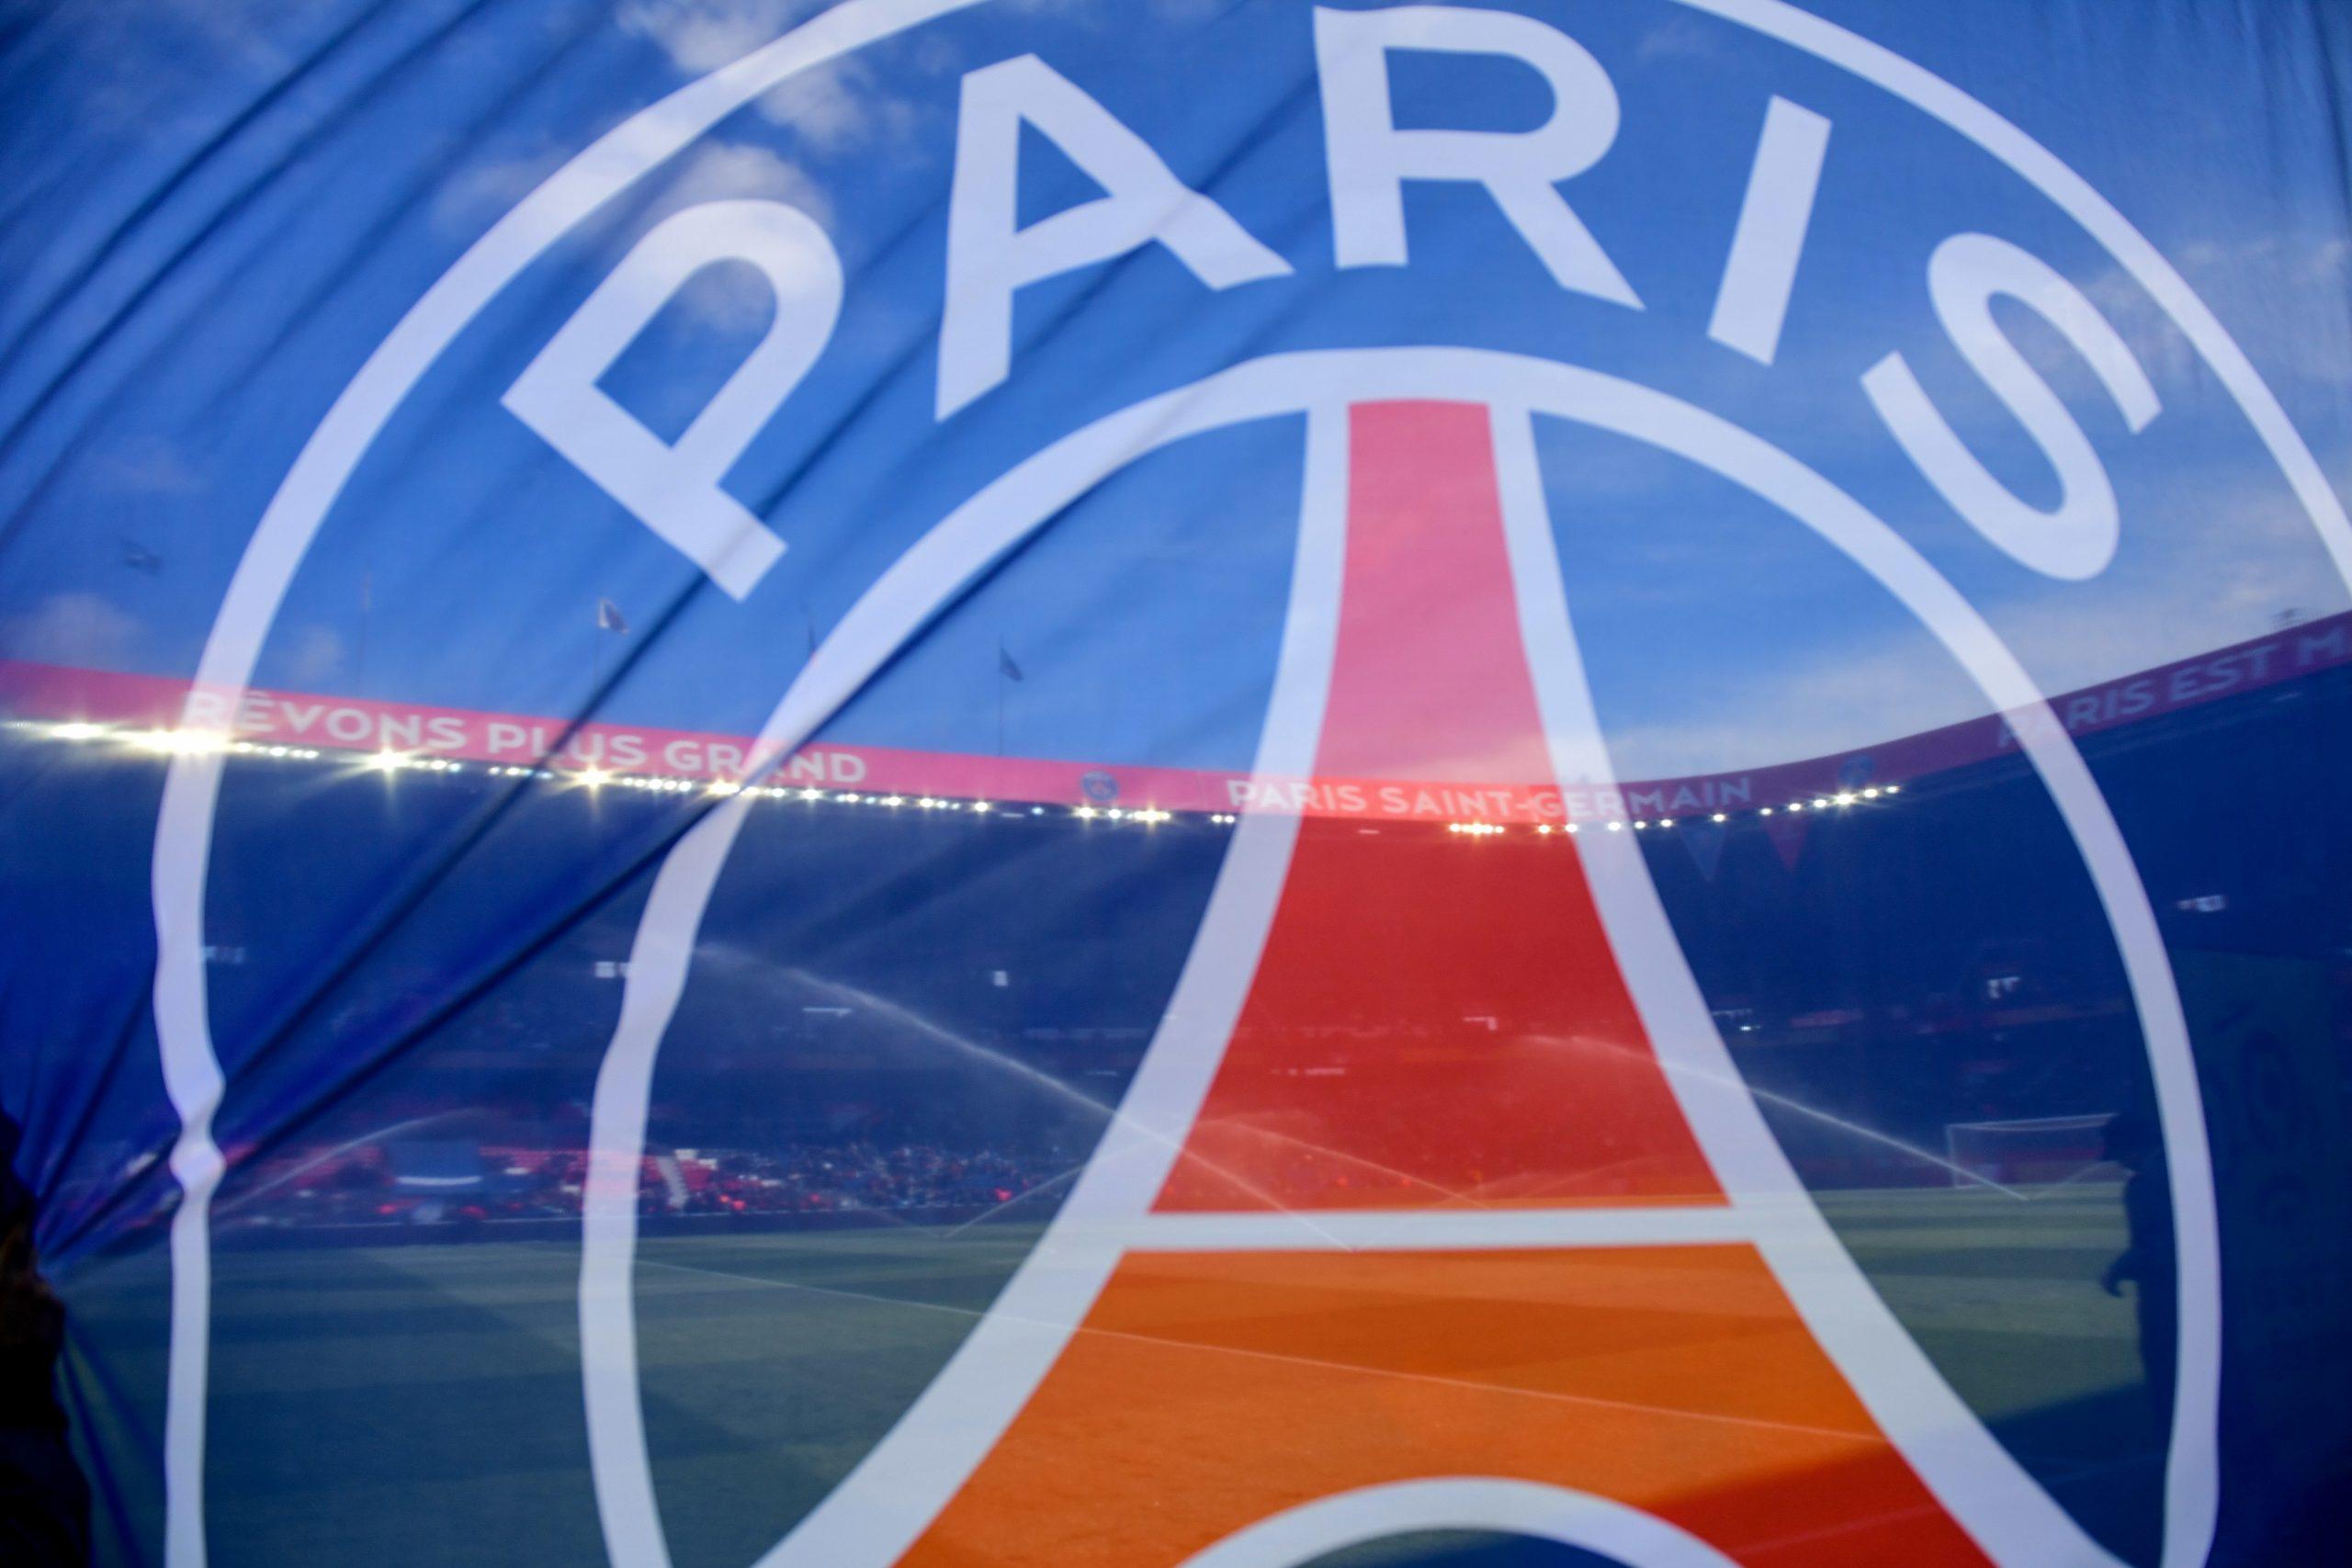 Officiel - Les joueurs en fin de contrat peuvent désormais être prolongés pour finir la saison